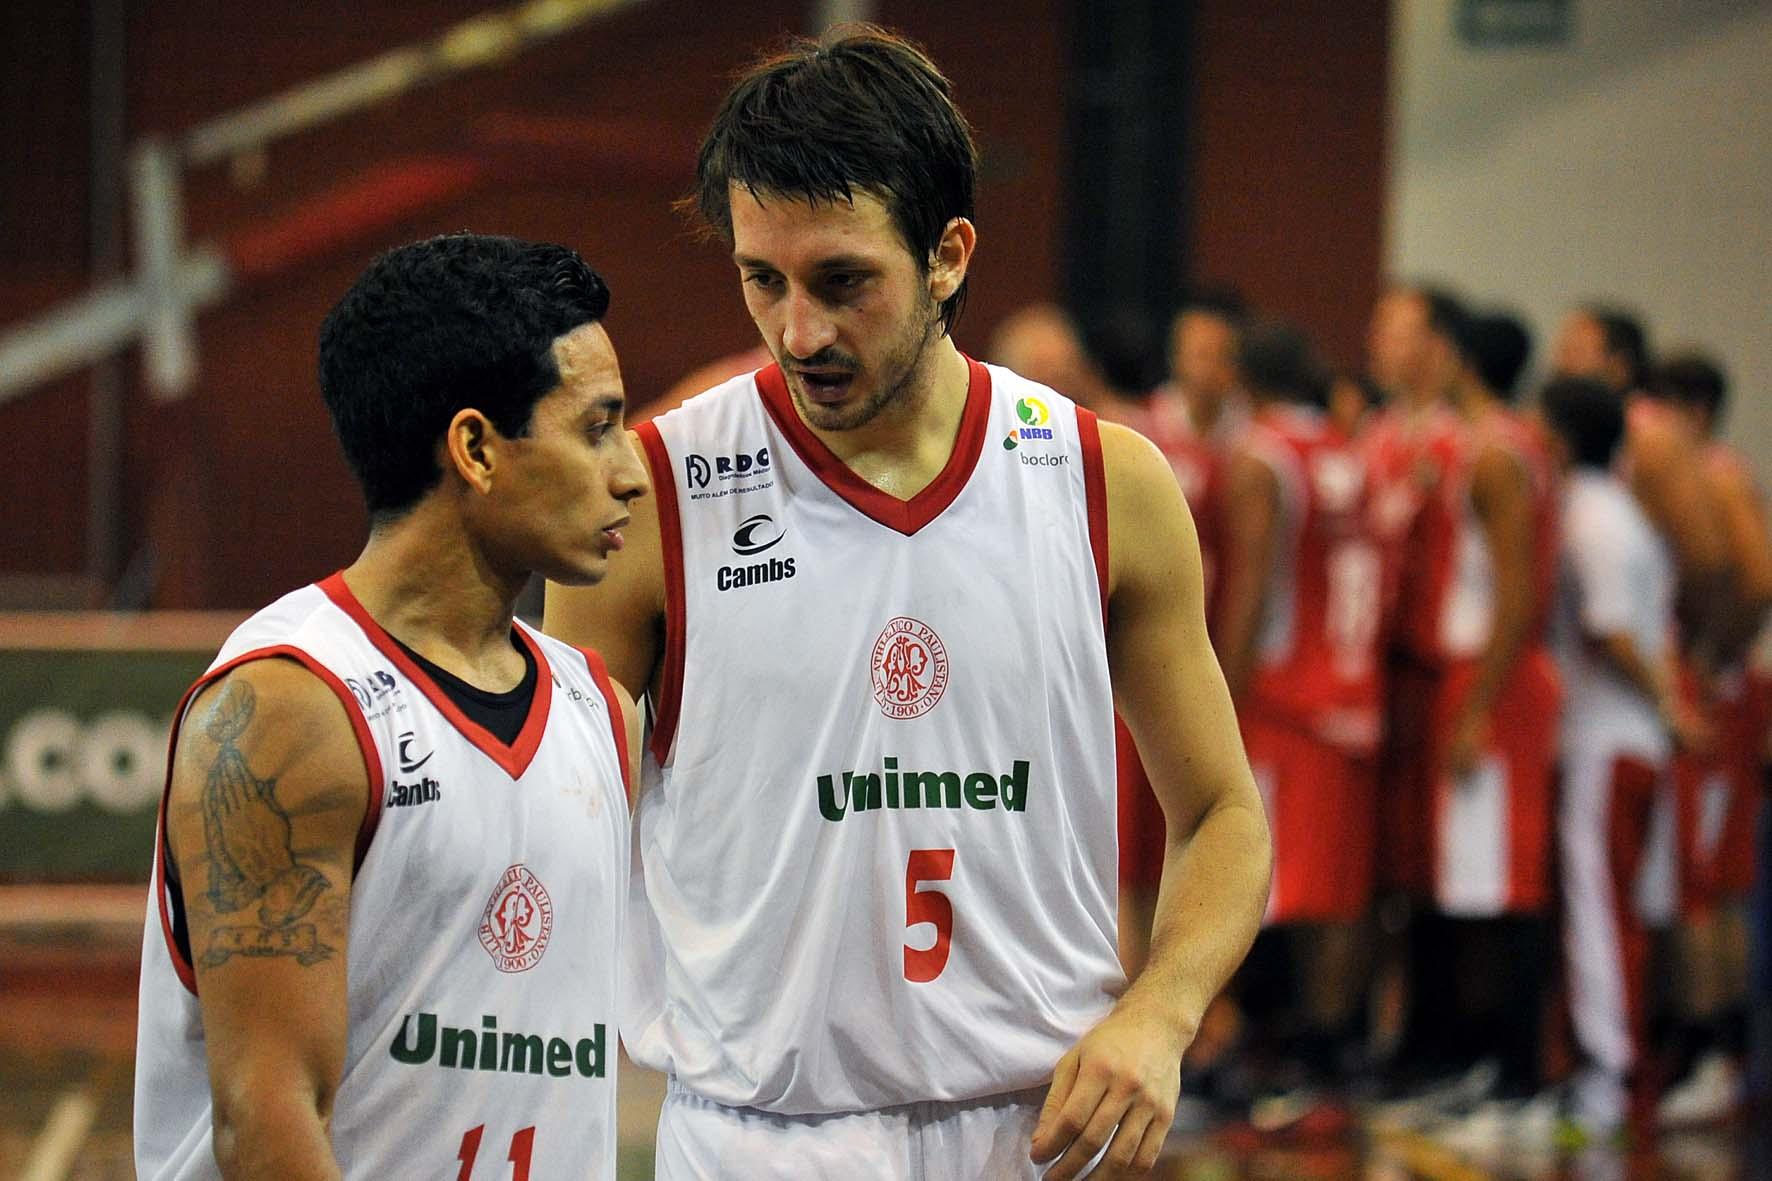 Elinho e Muñoz, do Paulistano